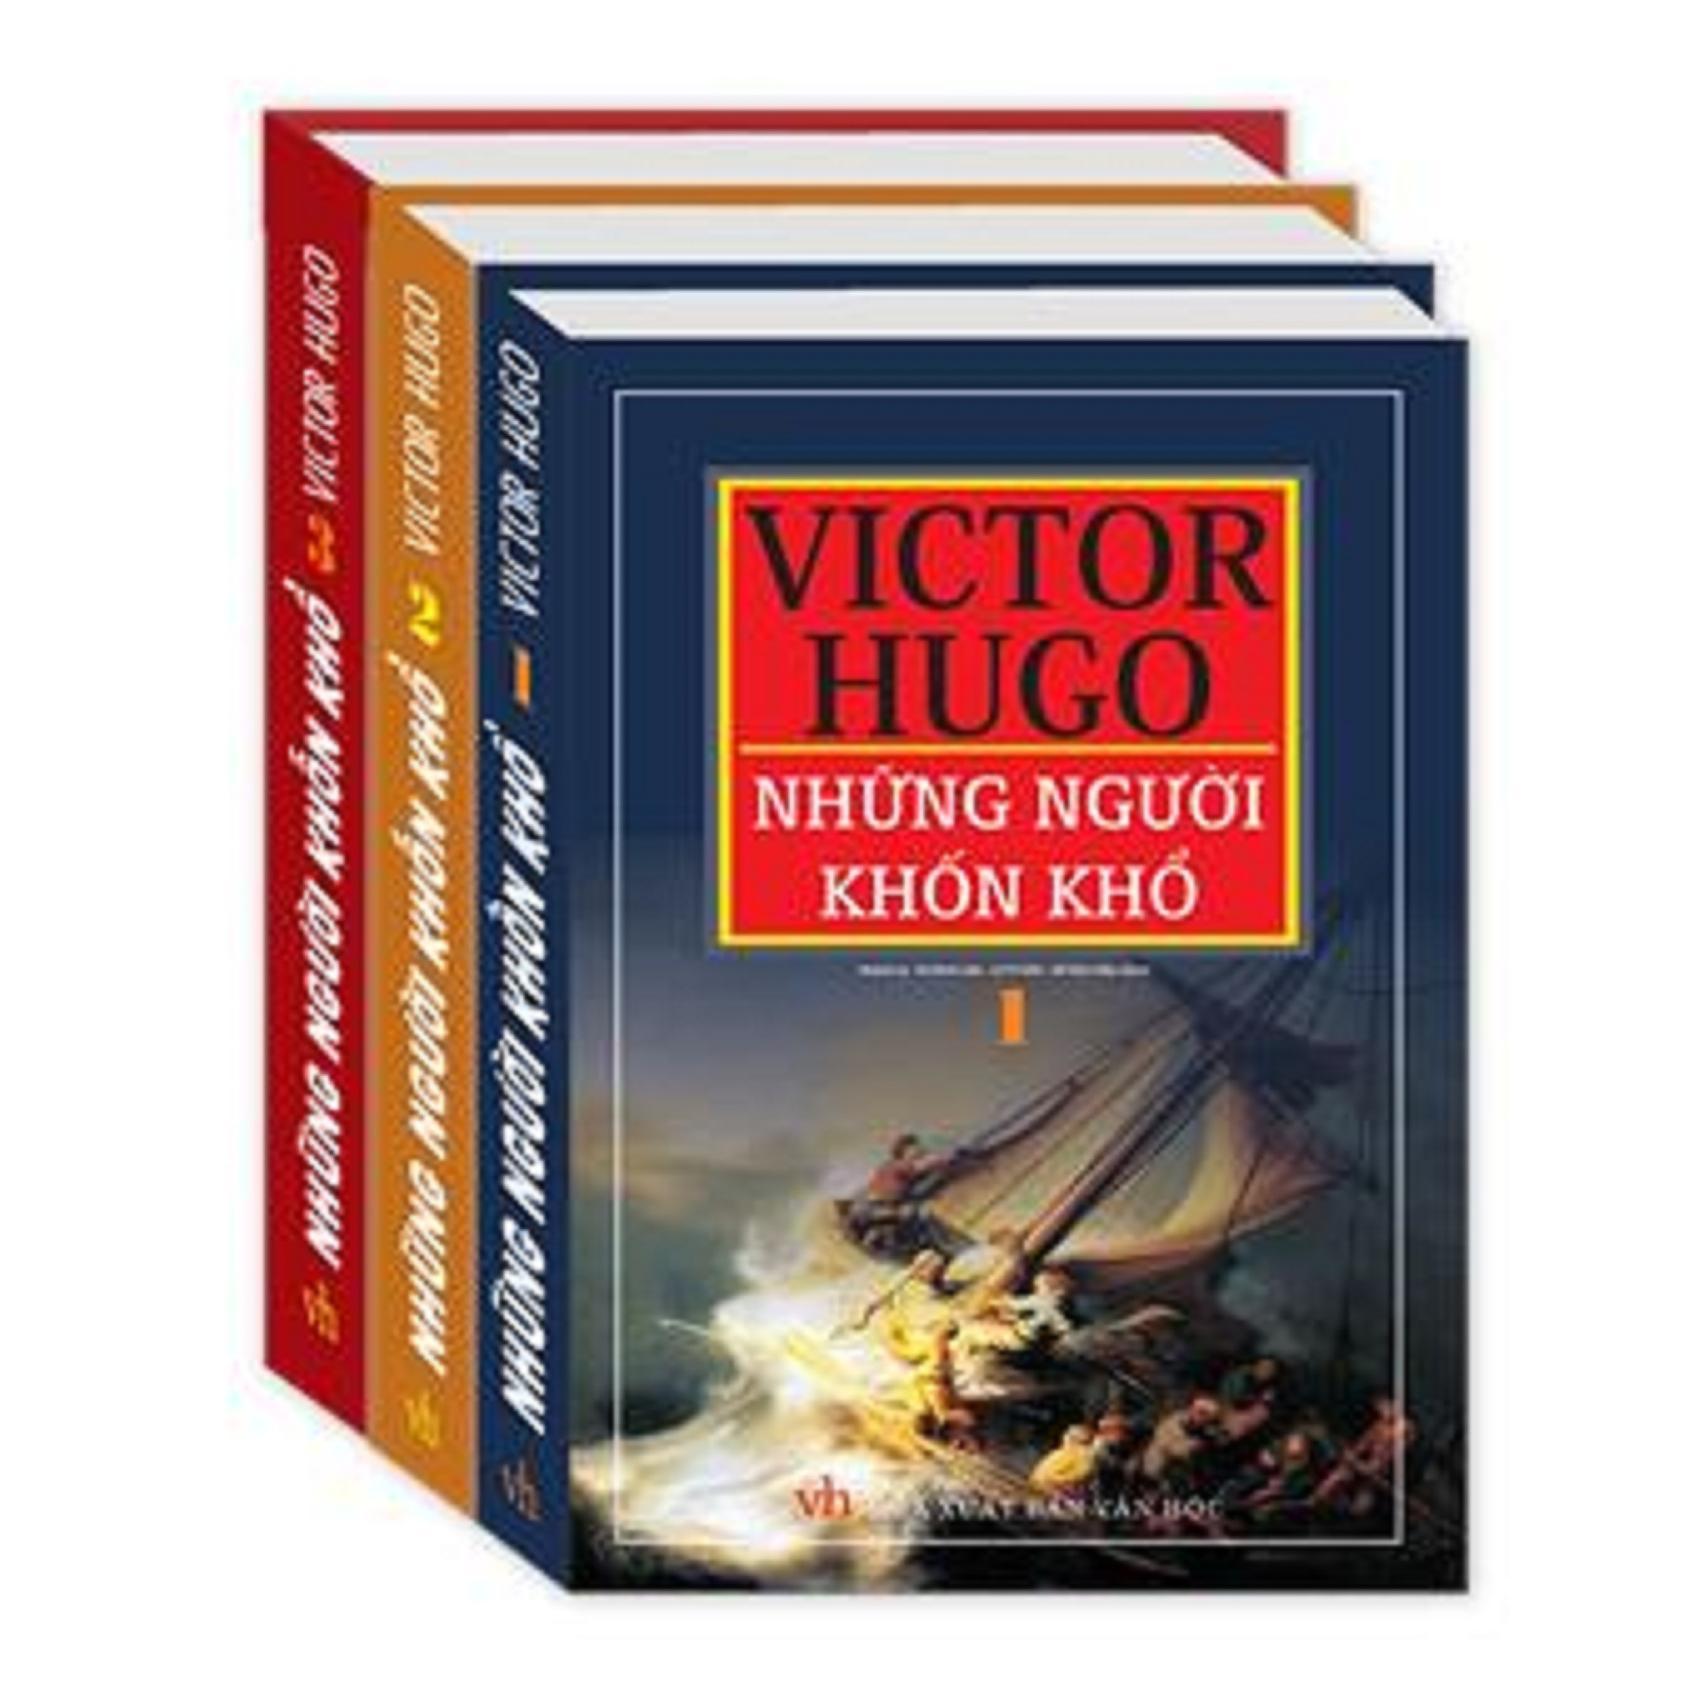 Những Người Khốn Khổ Trọn Bộ 3 Tập Việt Nam